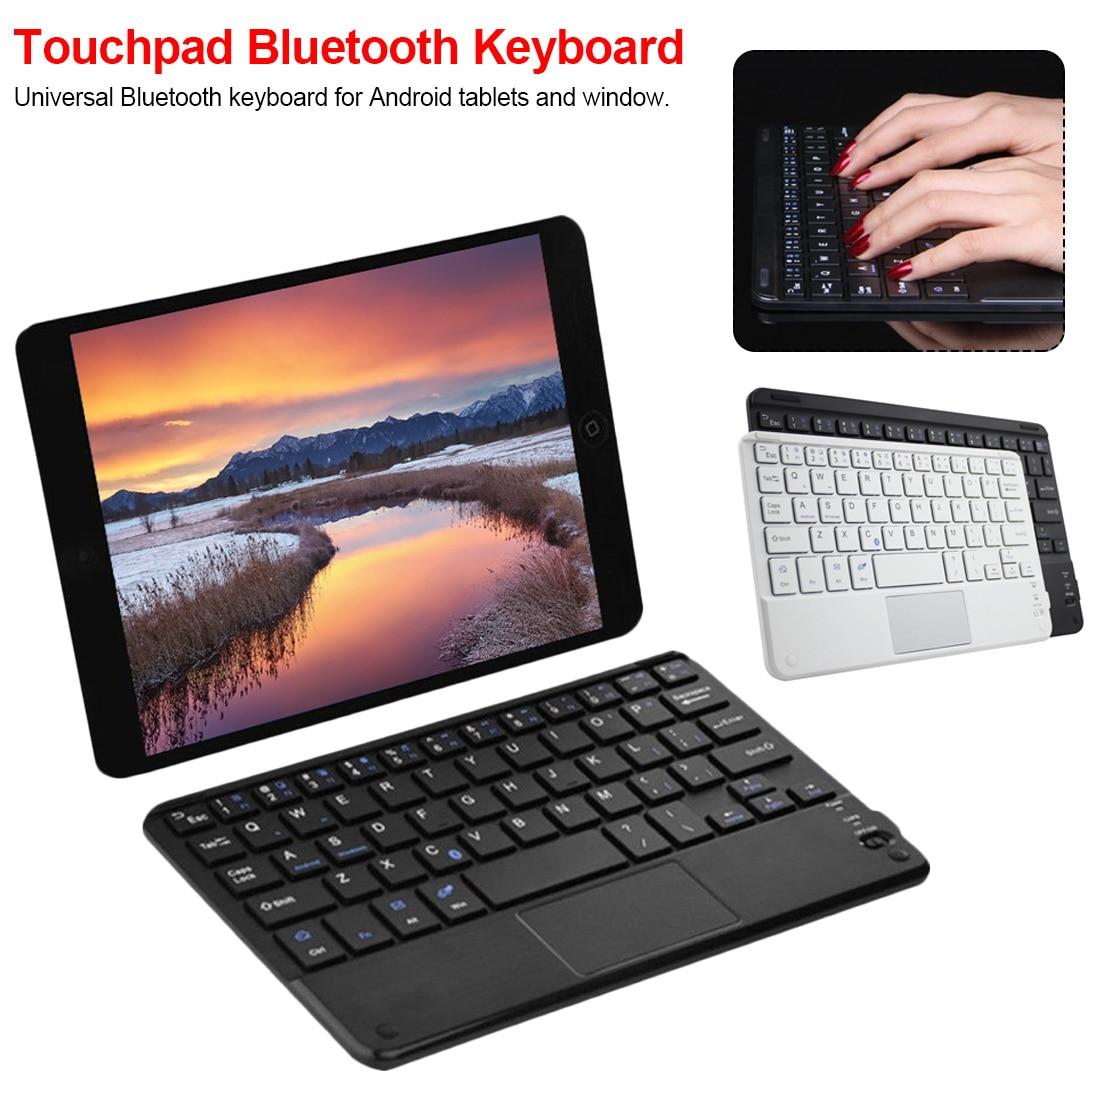 Clavier Bluetooth sans fil multimédia anglais Ultra mince avec pavé tactile pour Windows tablette Android IOS